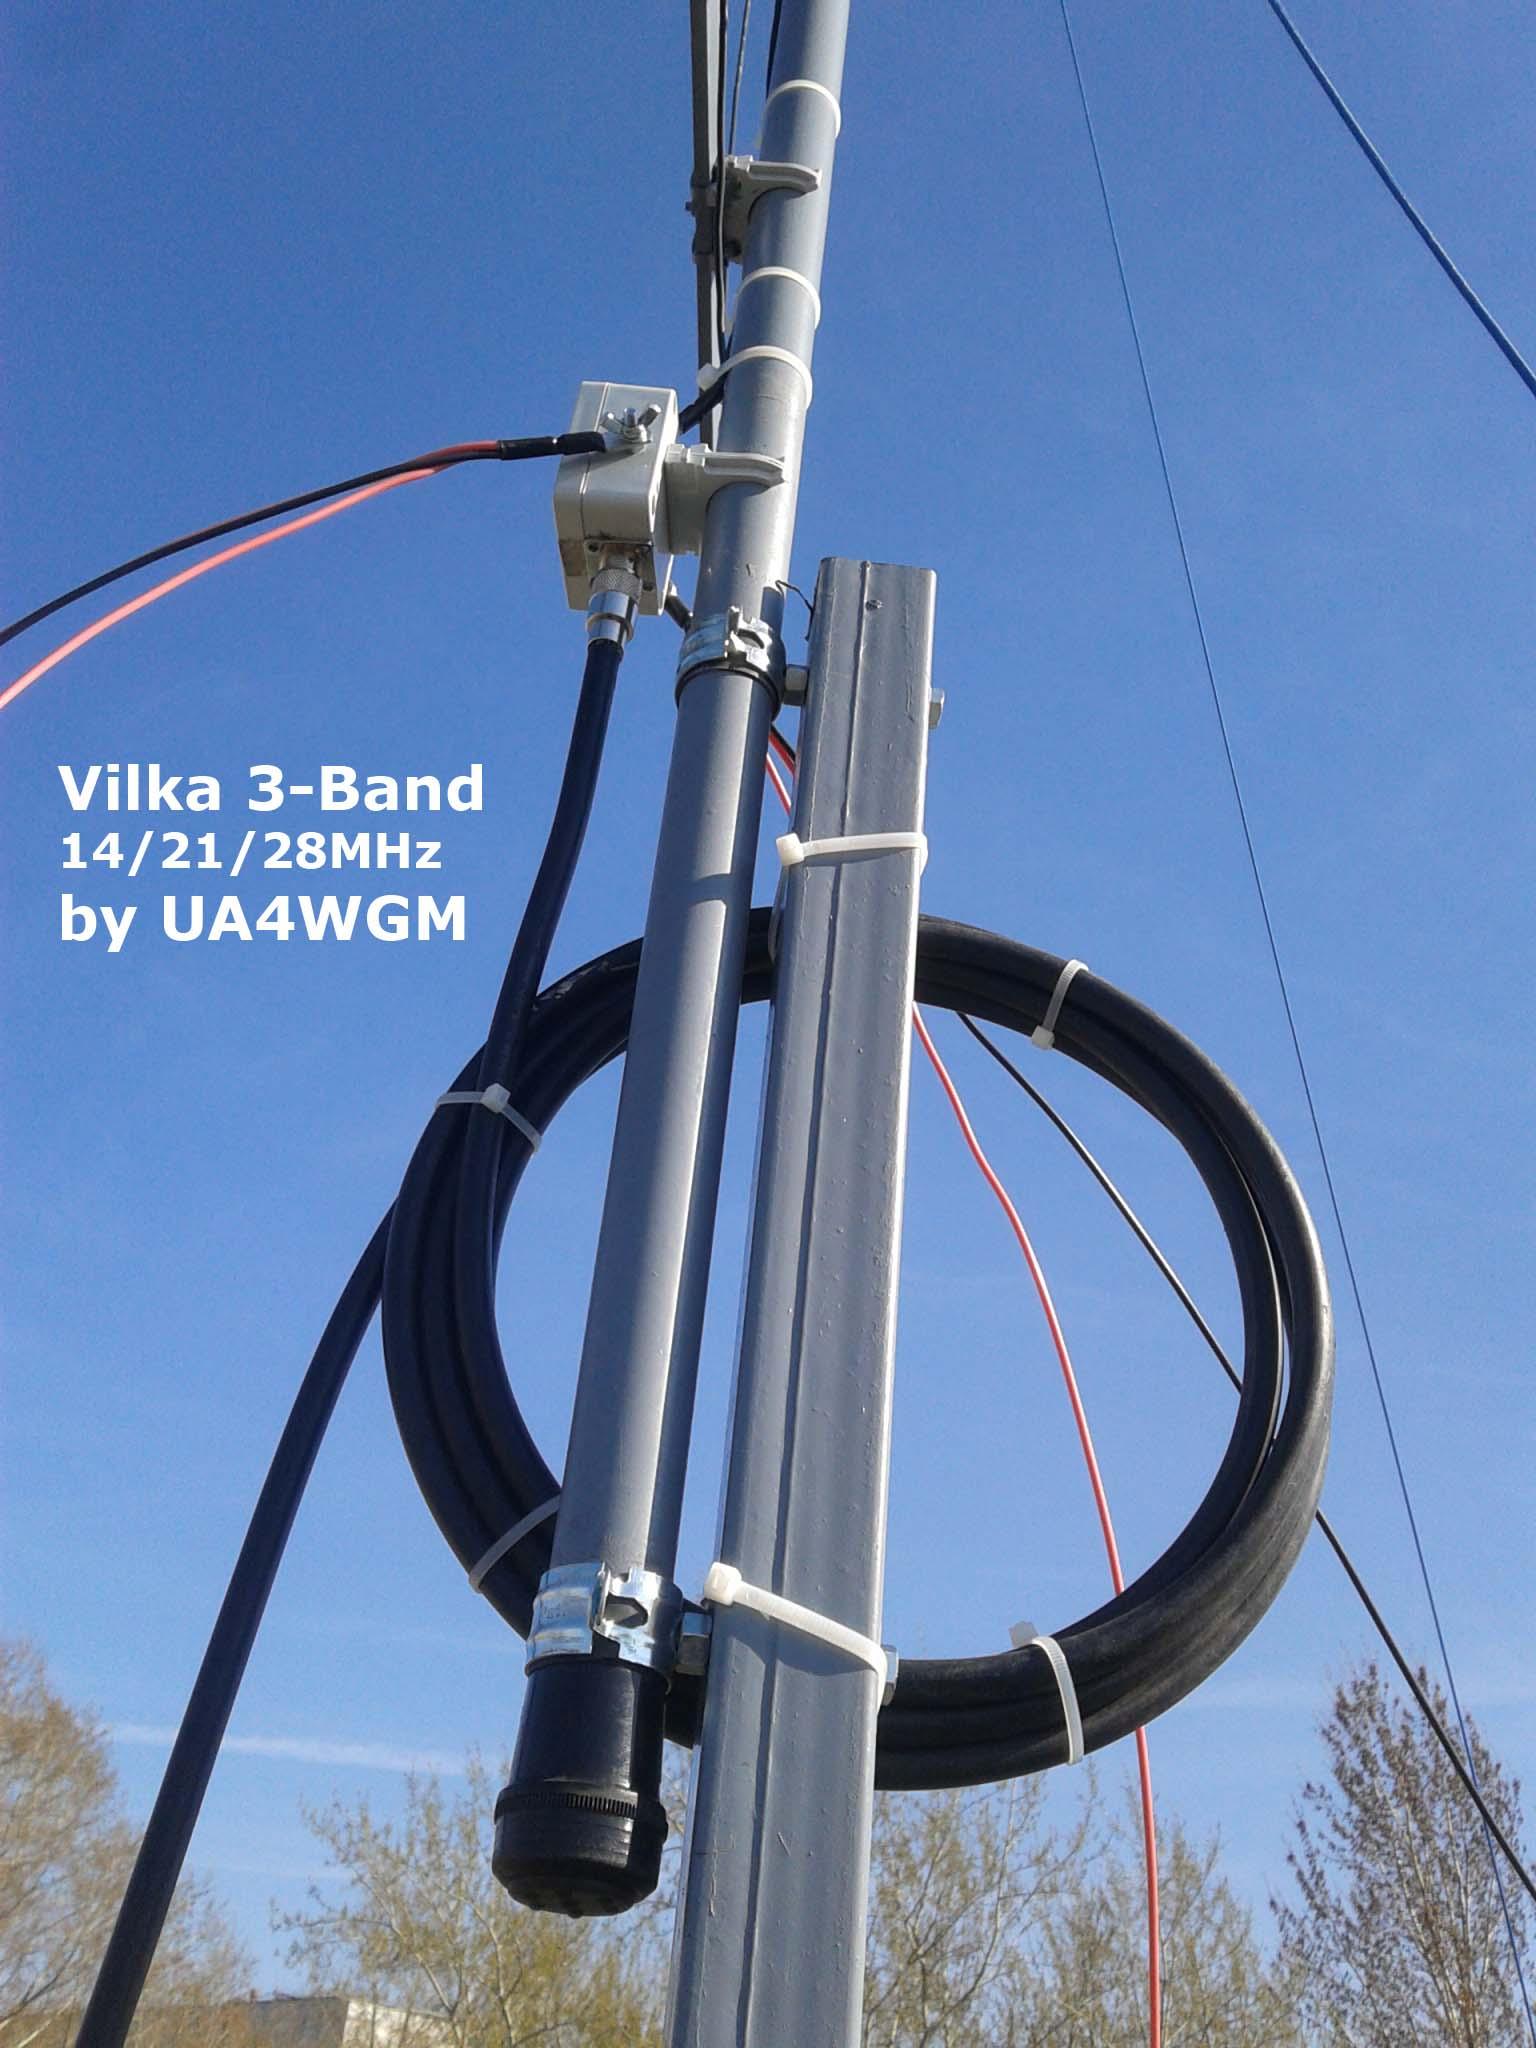 Нажмите на изображение для увеличения.  Название:UA4WGM_Vilka_3-band_02.jpg Просмотров:3730 Размер:218.2 Кб ID:118517